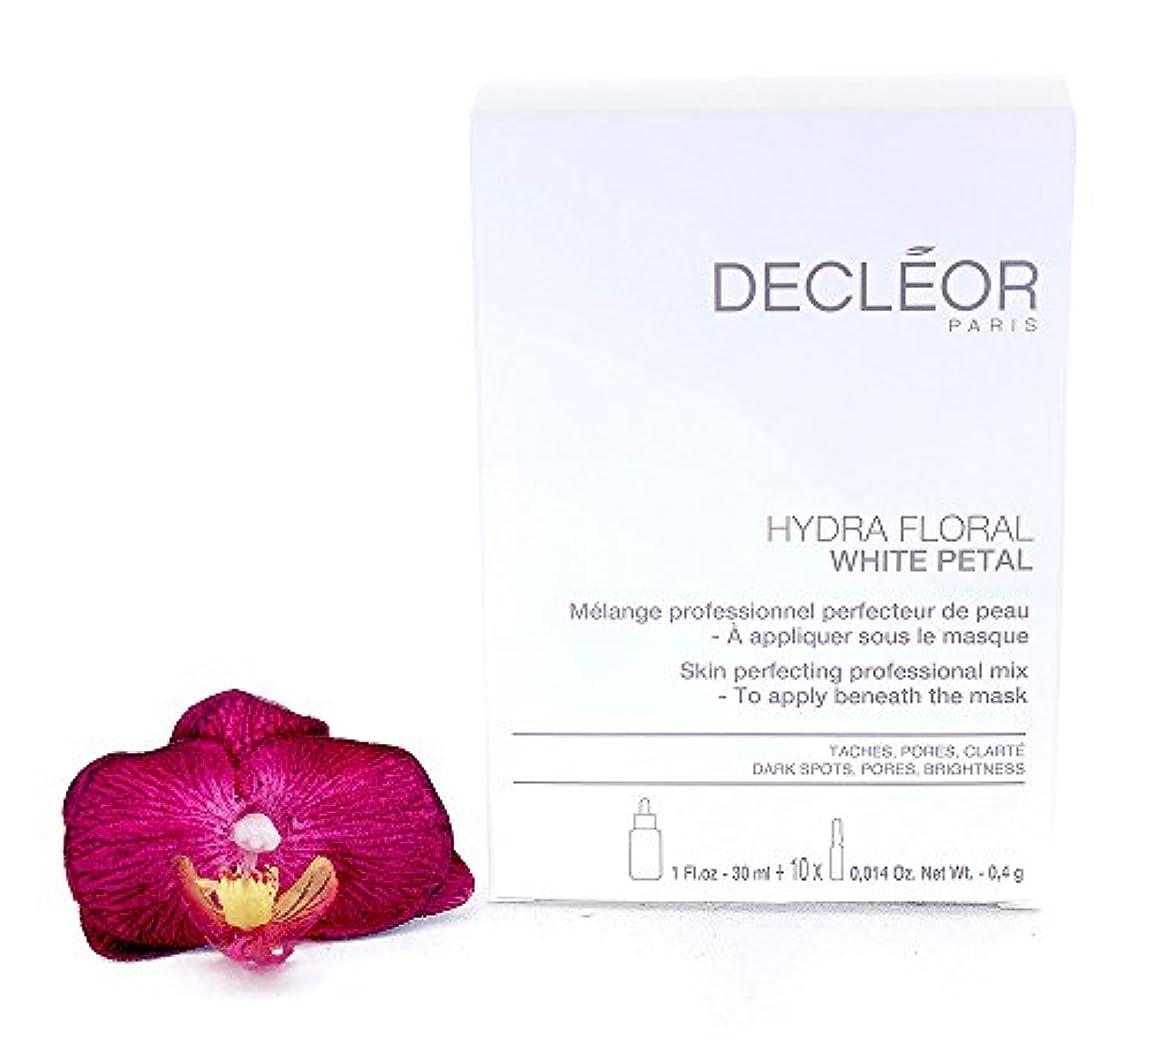 吹雪バルコニー是正するデクレオール Hydra Floral White Petal Skin Perfecting Professional Mix (1x Concentrate 30ml, 10x Powder 4g) - Salon...